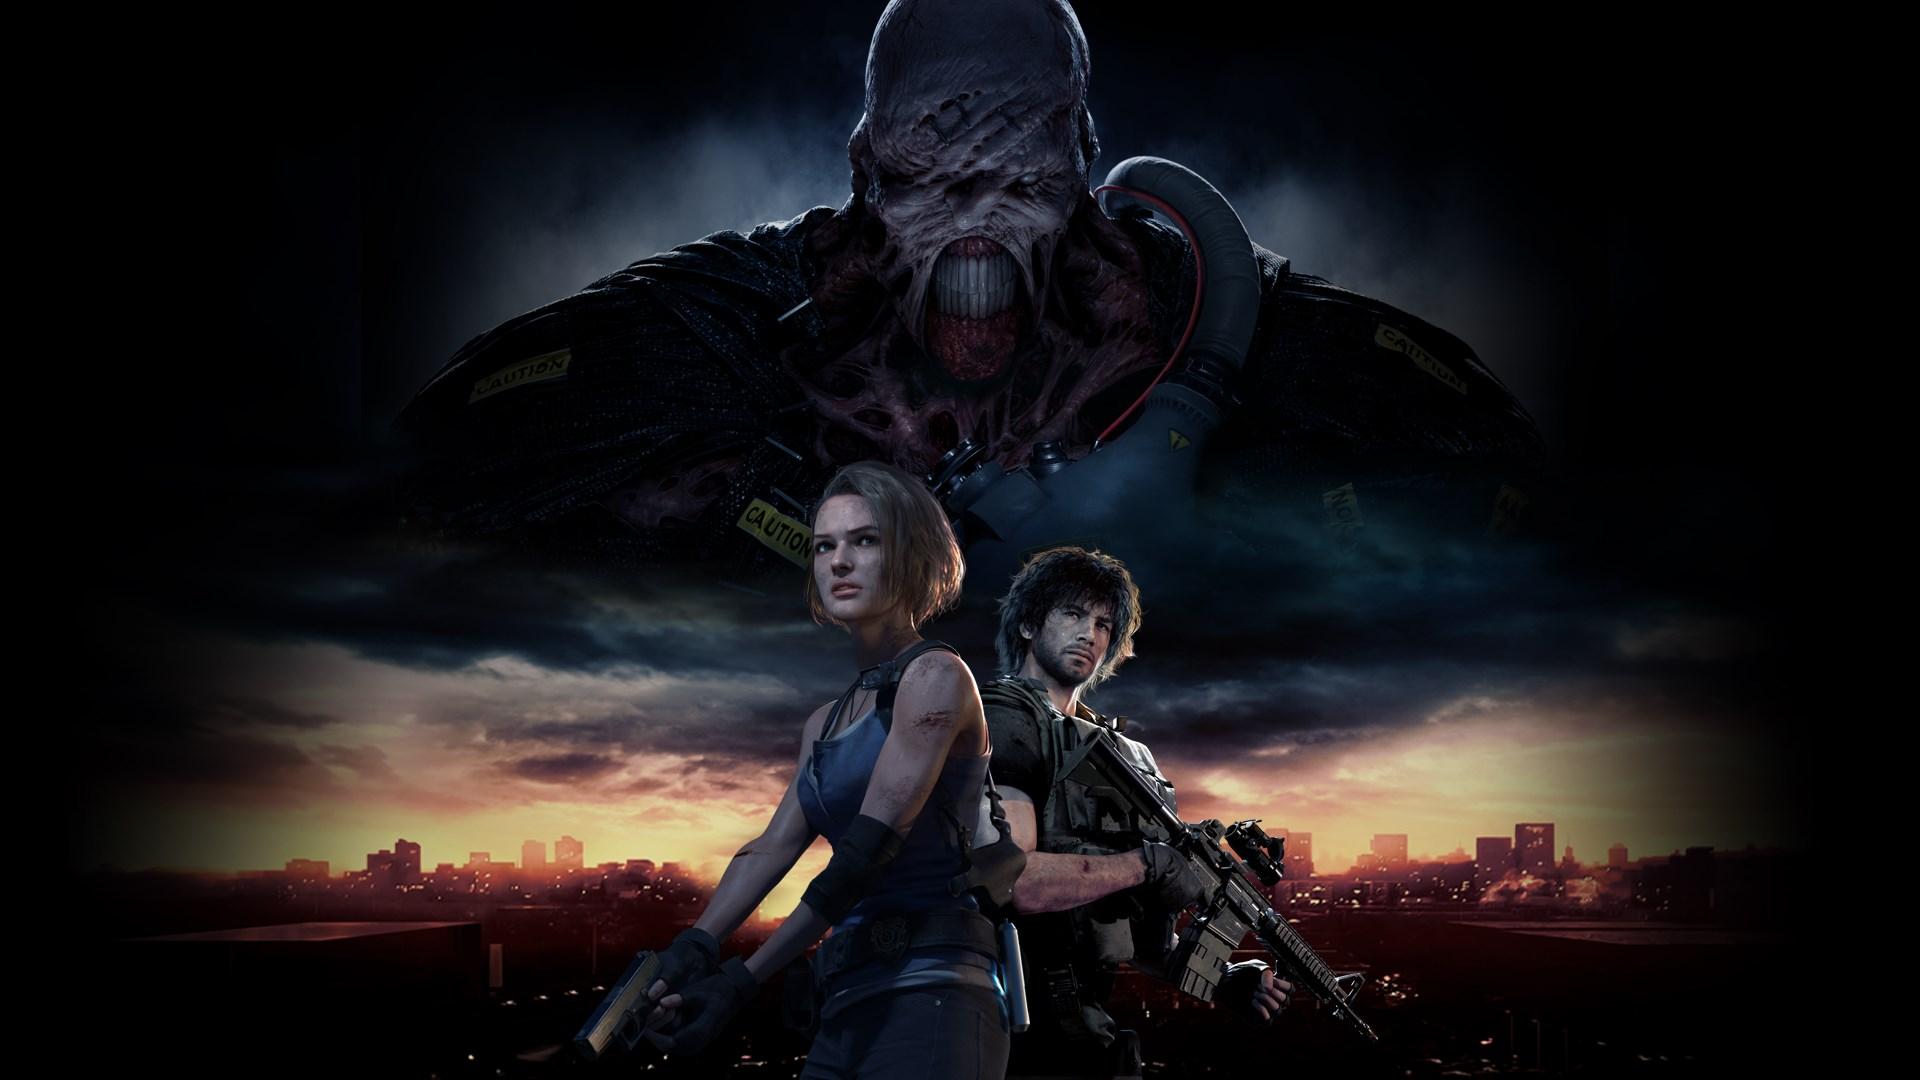 Capcom хочет услышать мысли и отзывы игроков об Resident Evil 3 Remake